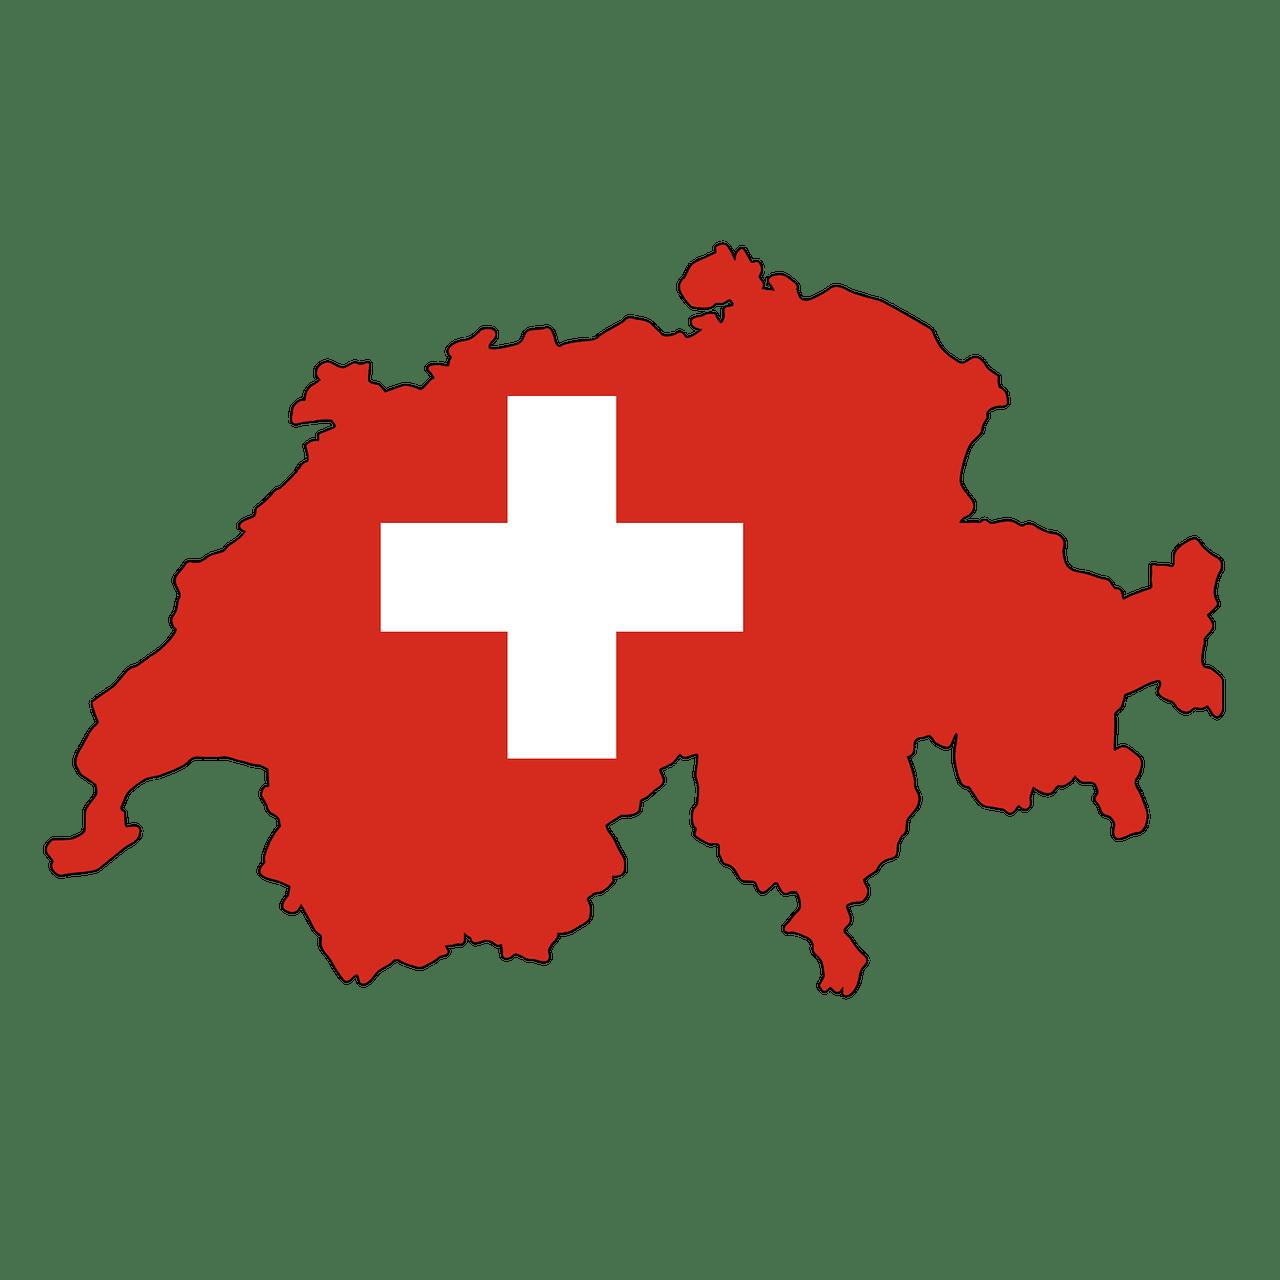 ارسال بار به سوئیس